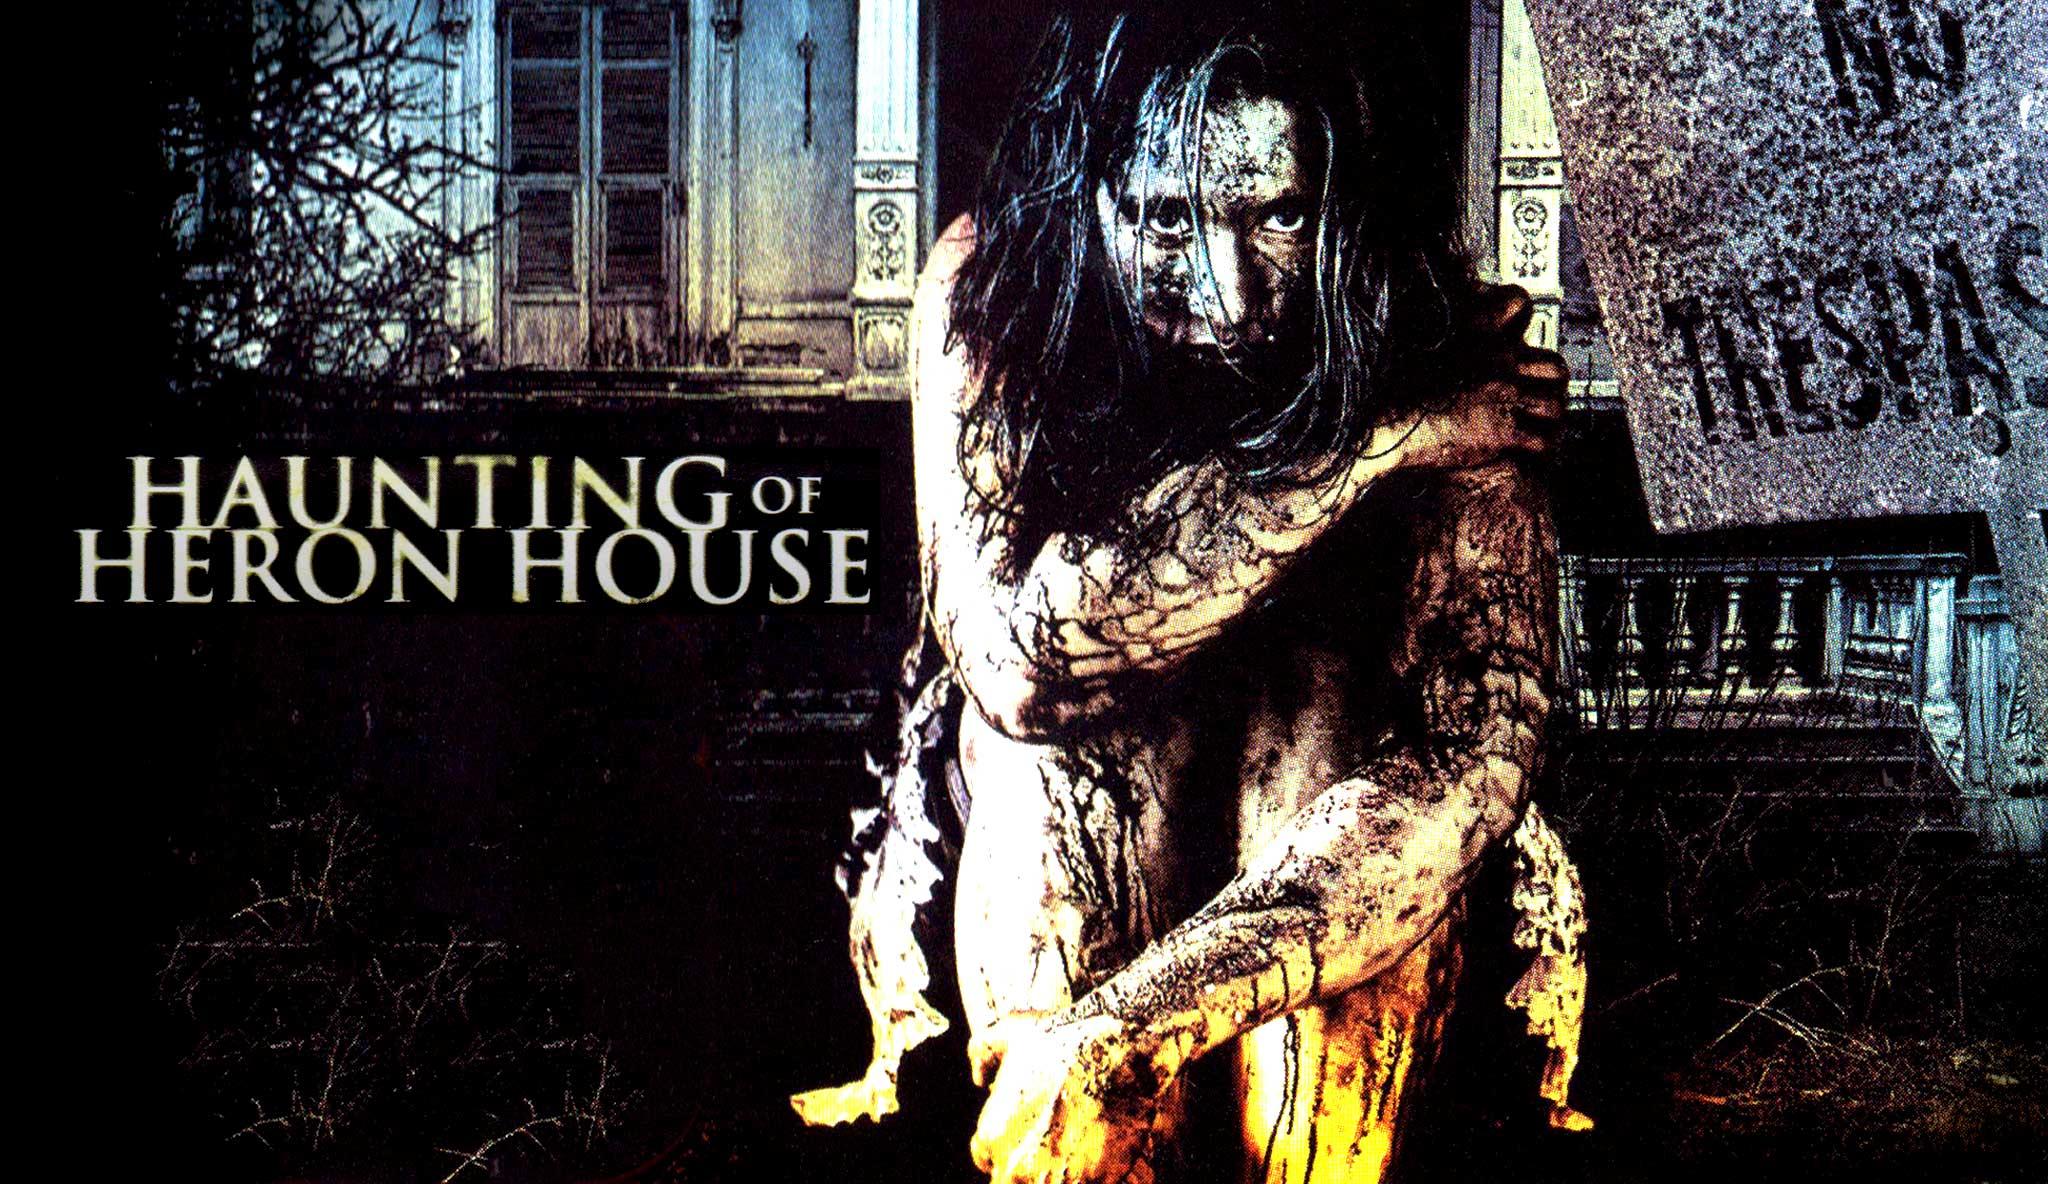 haunting-of-heron-house\header.jpg